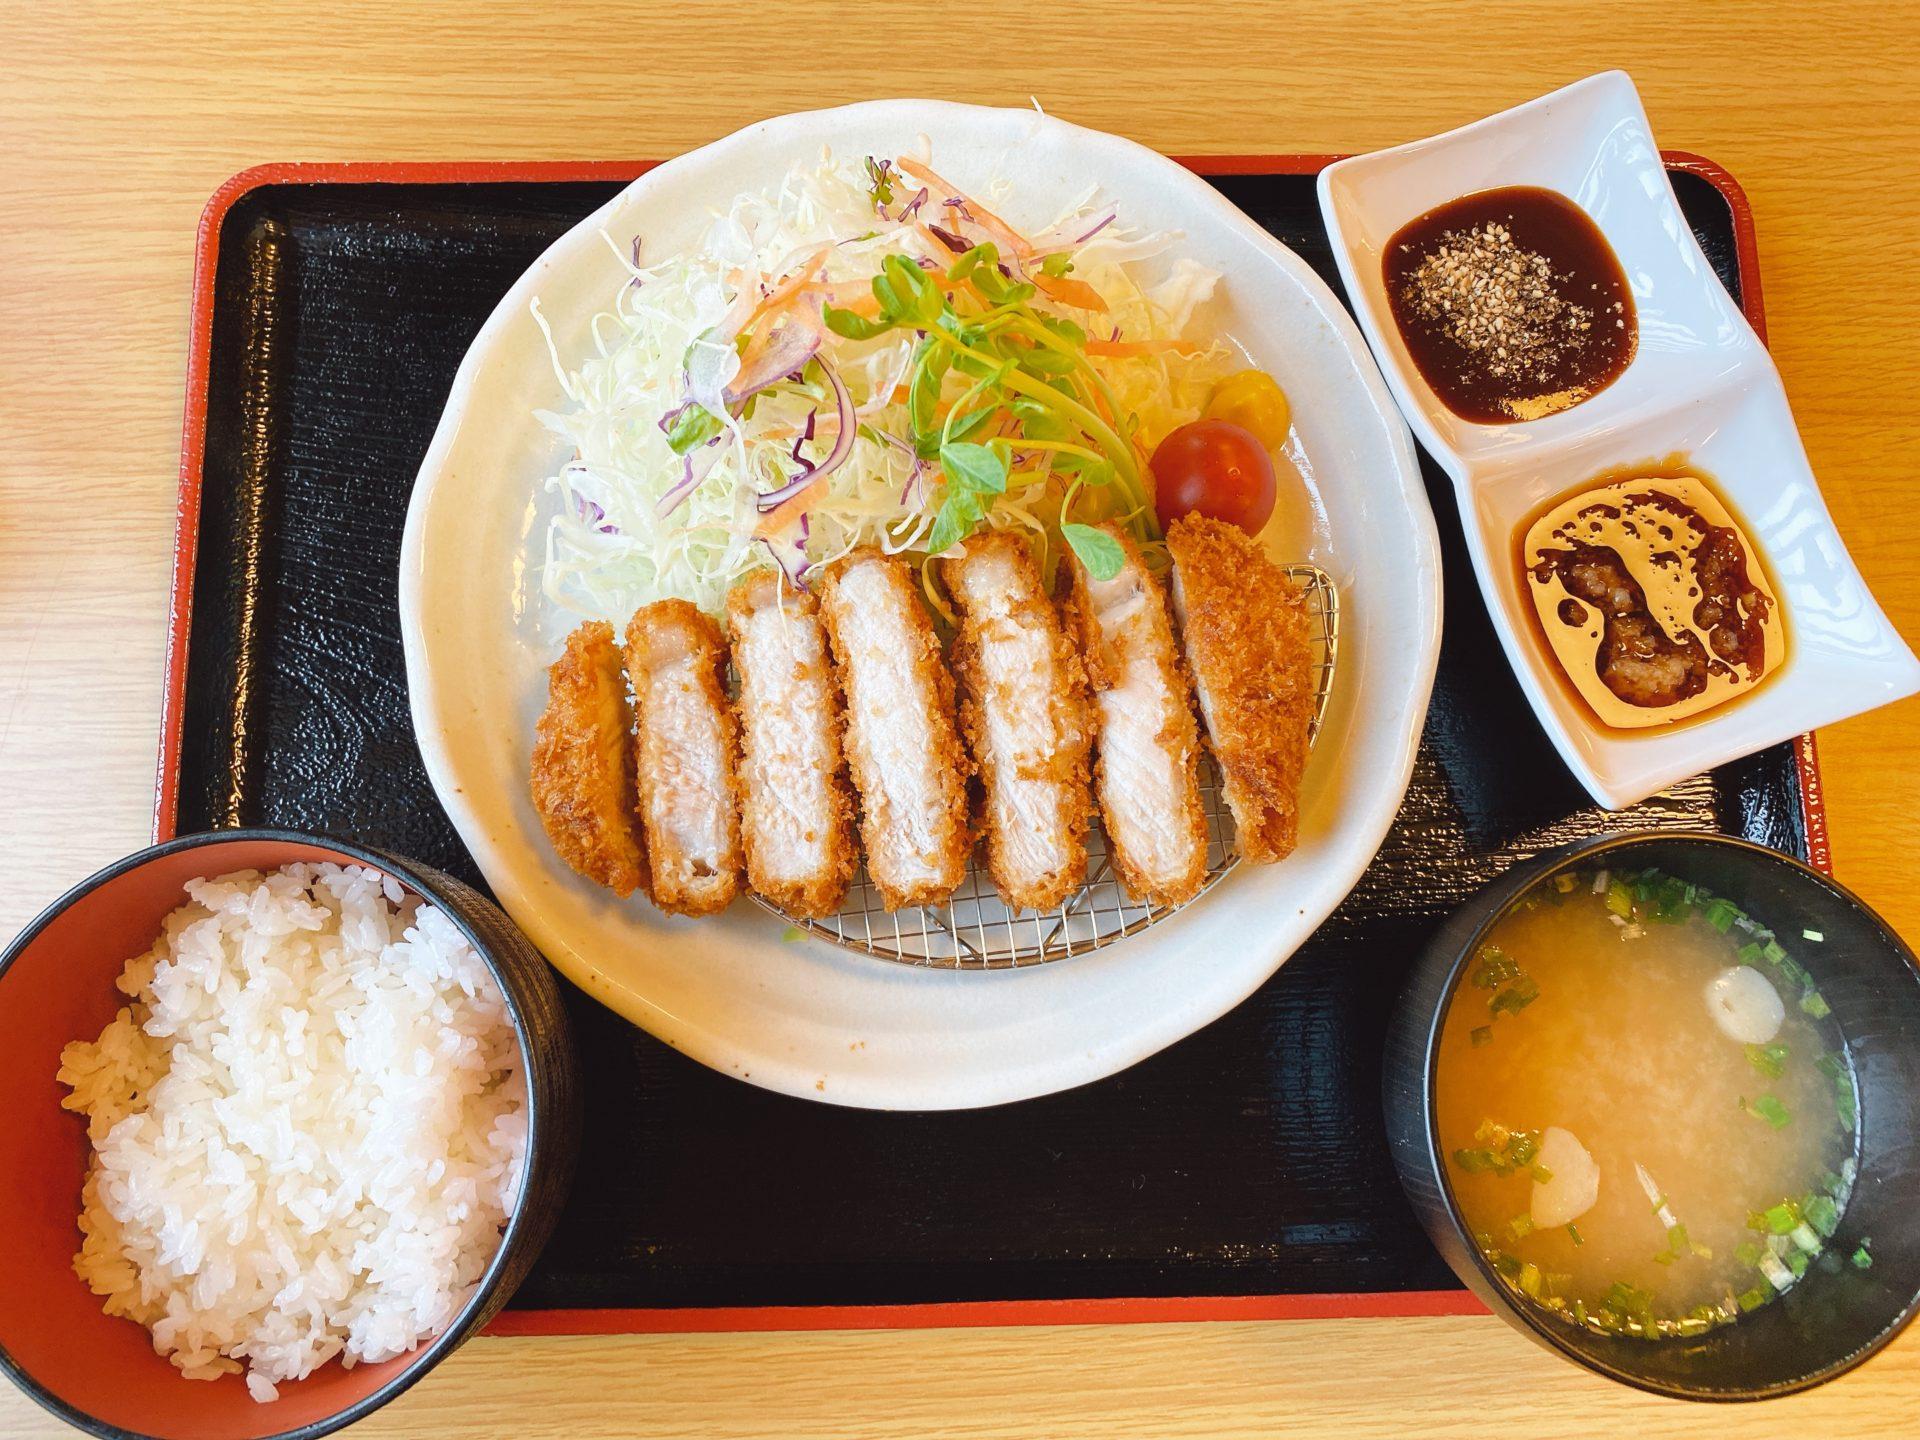 倉田交差点から側道を西に徒歩3分 岡山市中区の がっつりやで「1㎏盛りすぎ豚丼」に驚きつつ、頂いたロースカツ定食は・・・